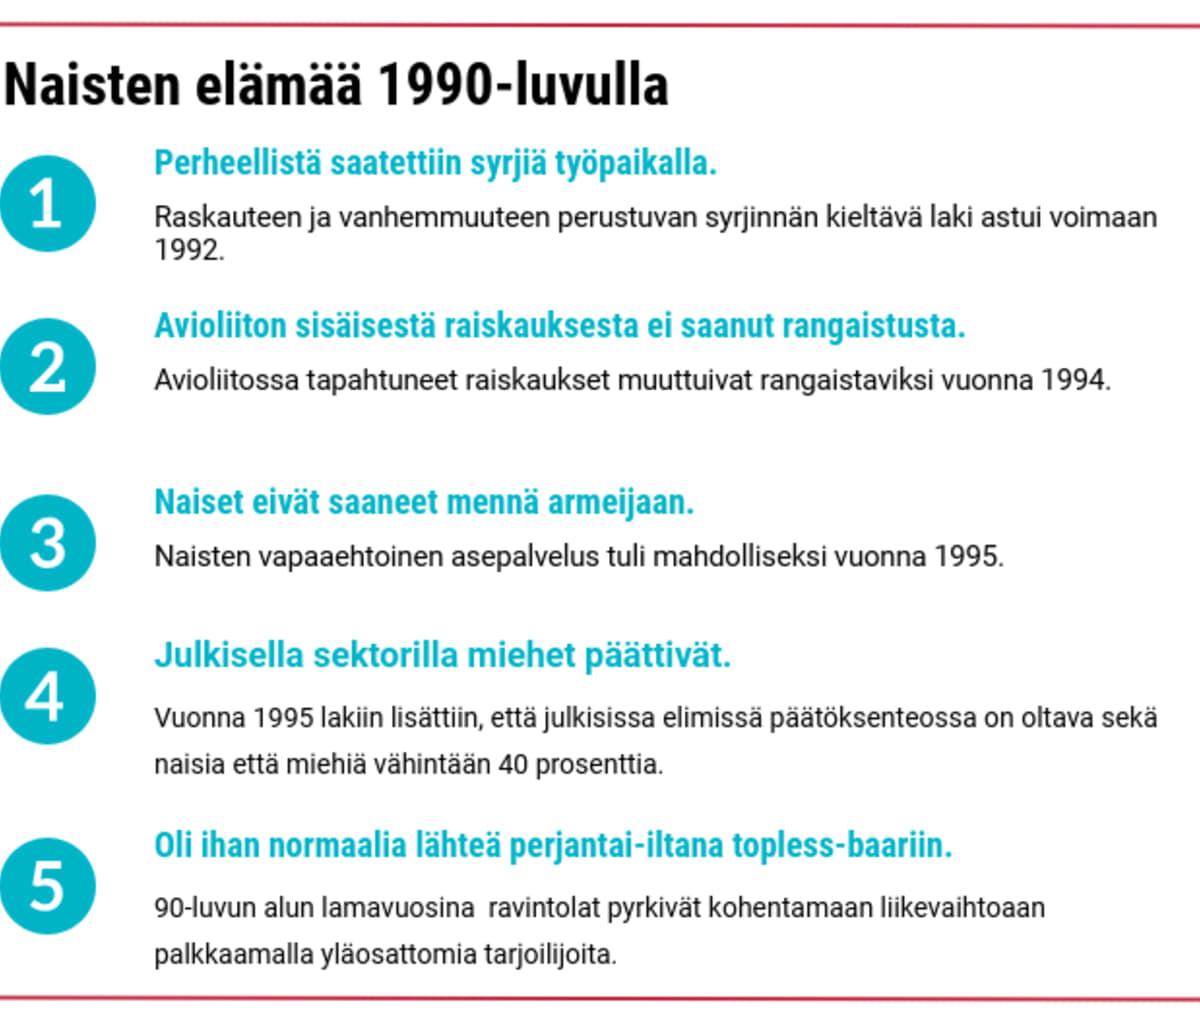 Naisten elämää 1990-luvulla